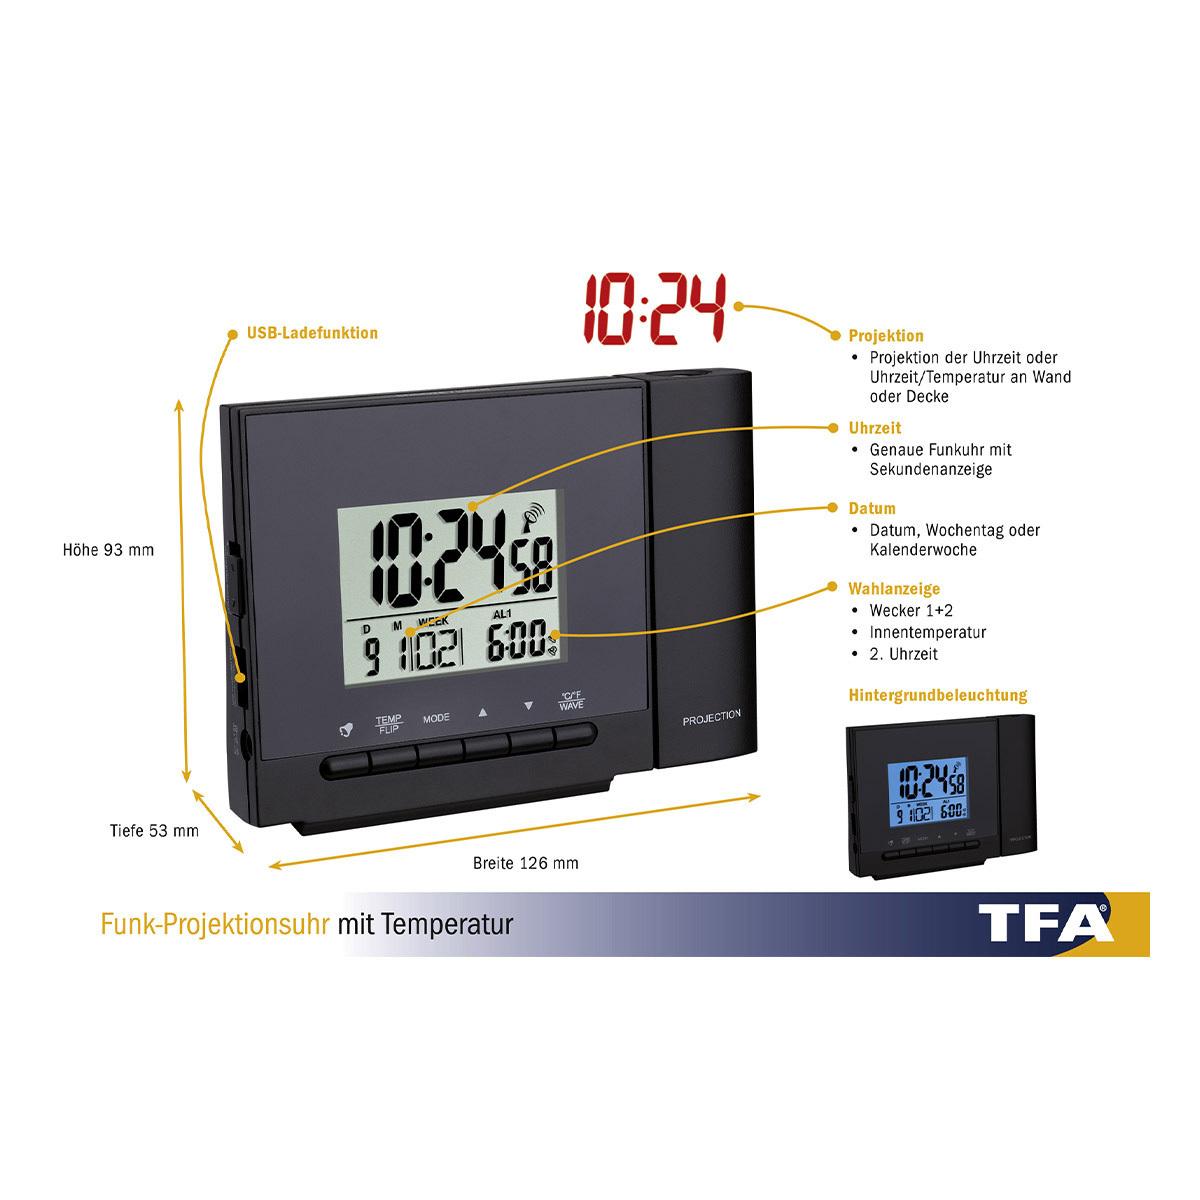 60-5013-01-funk-projektionswecker-mit-temperatur-abmessungen-1200x1200px.jpg